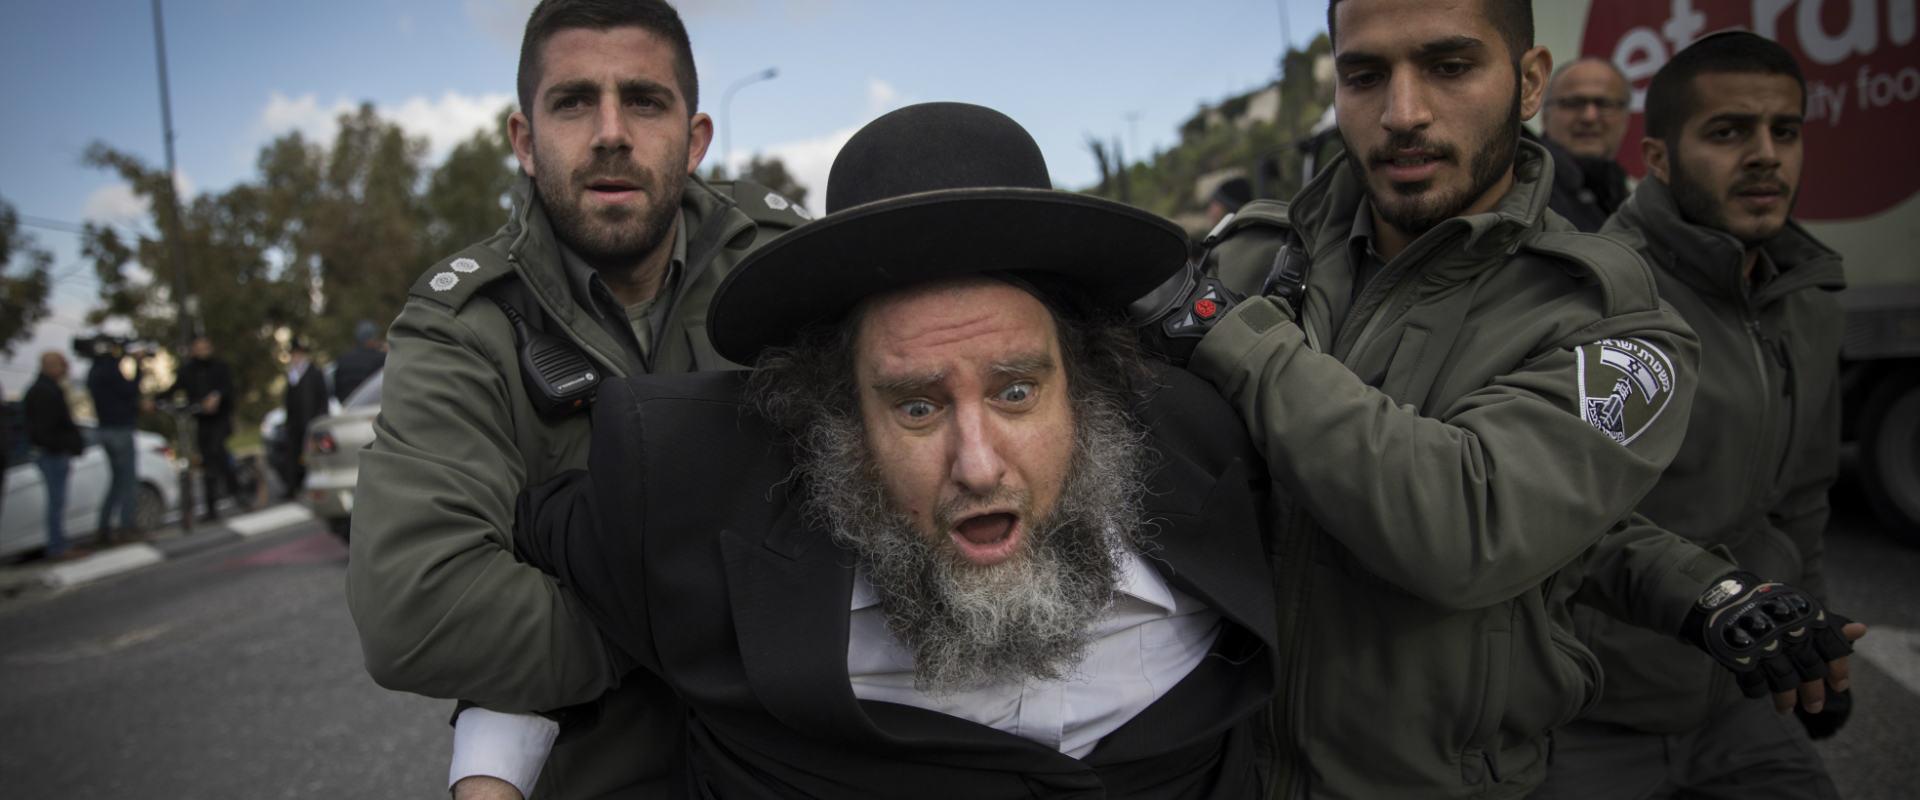 הפגנת חרדים נגד גיוס בכניסה לירושלים